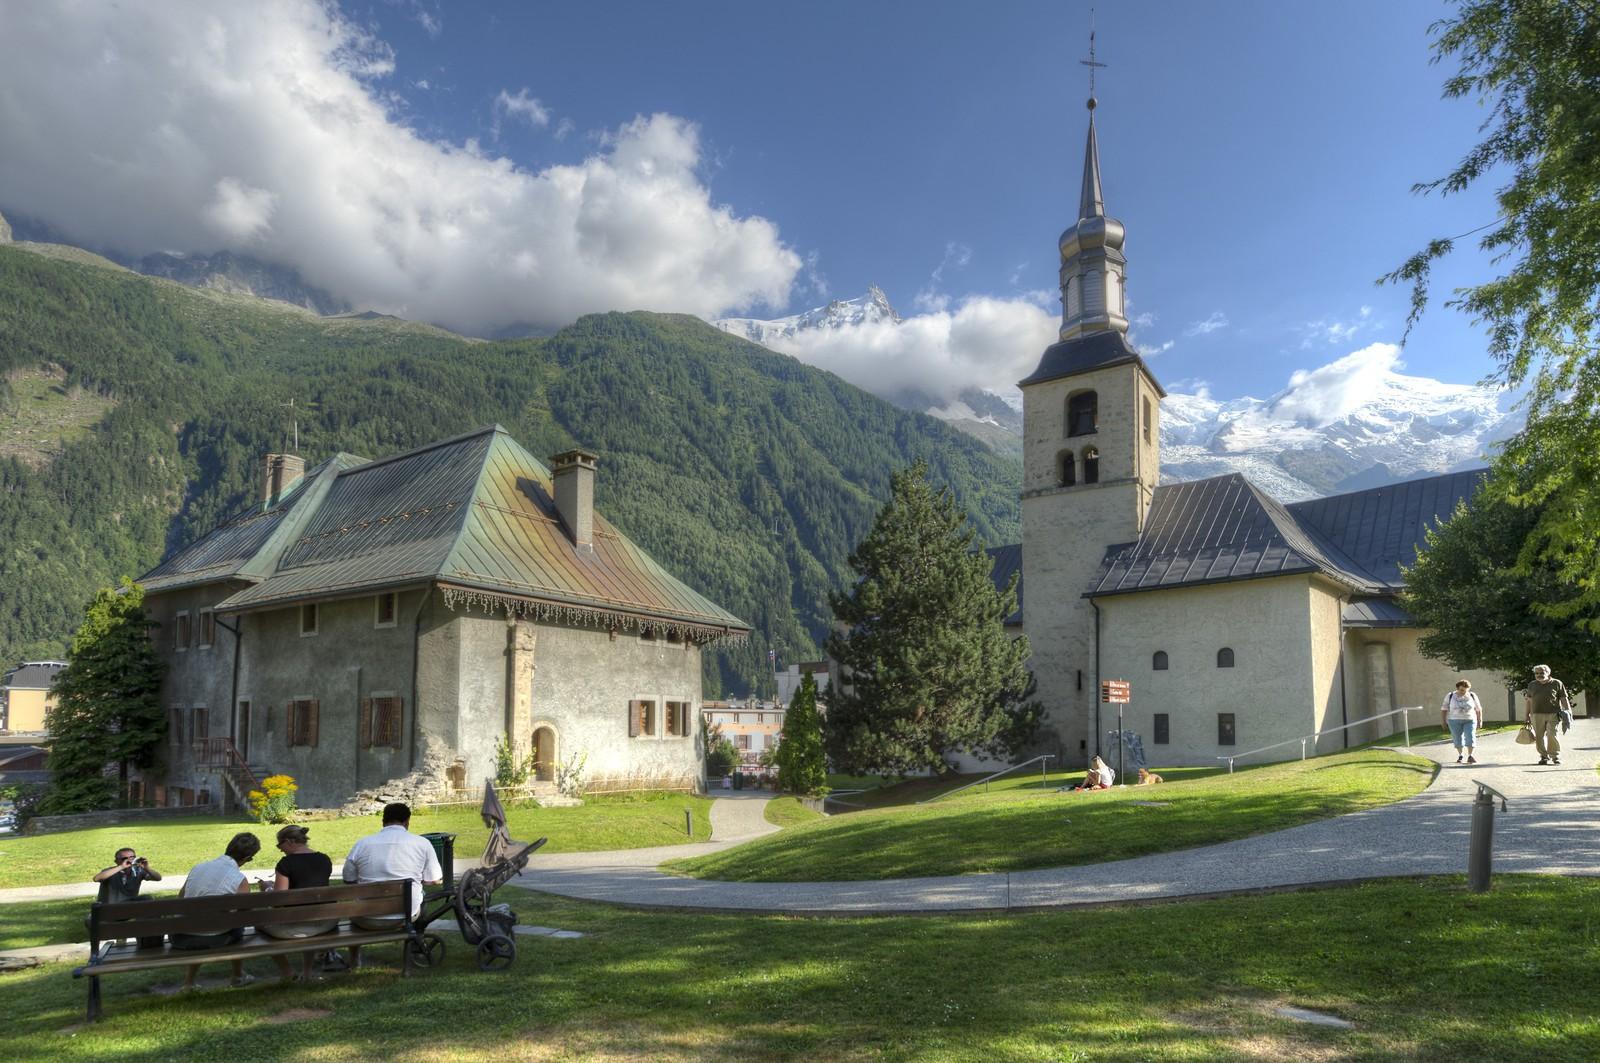 Excursion d'une journée dans le Val d'Aoste en Italie